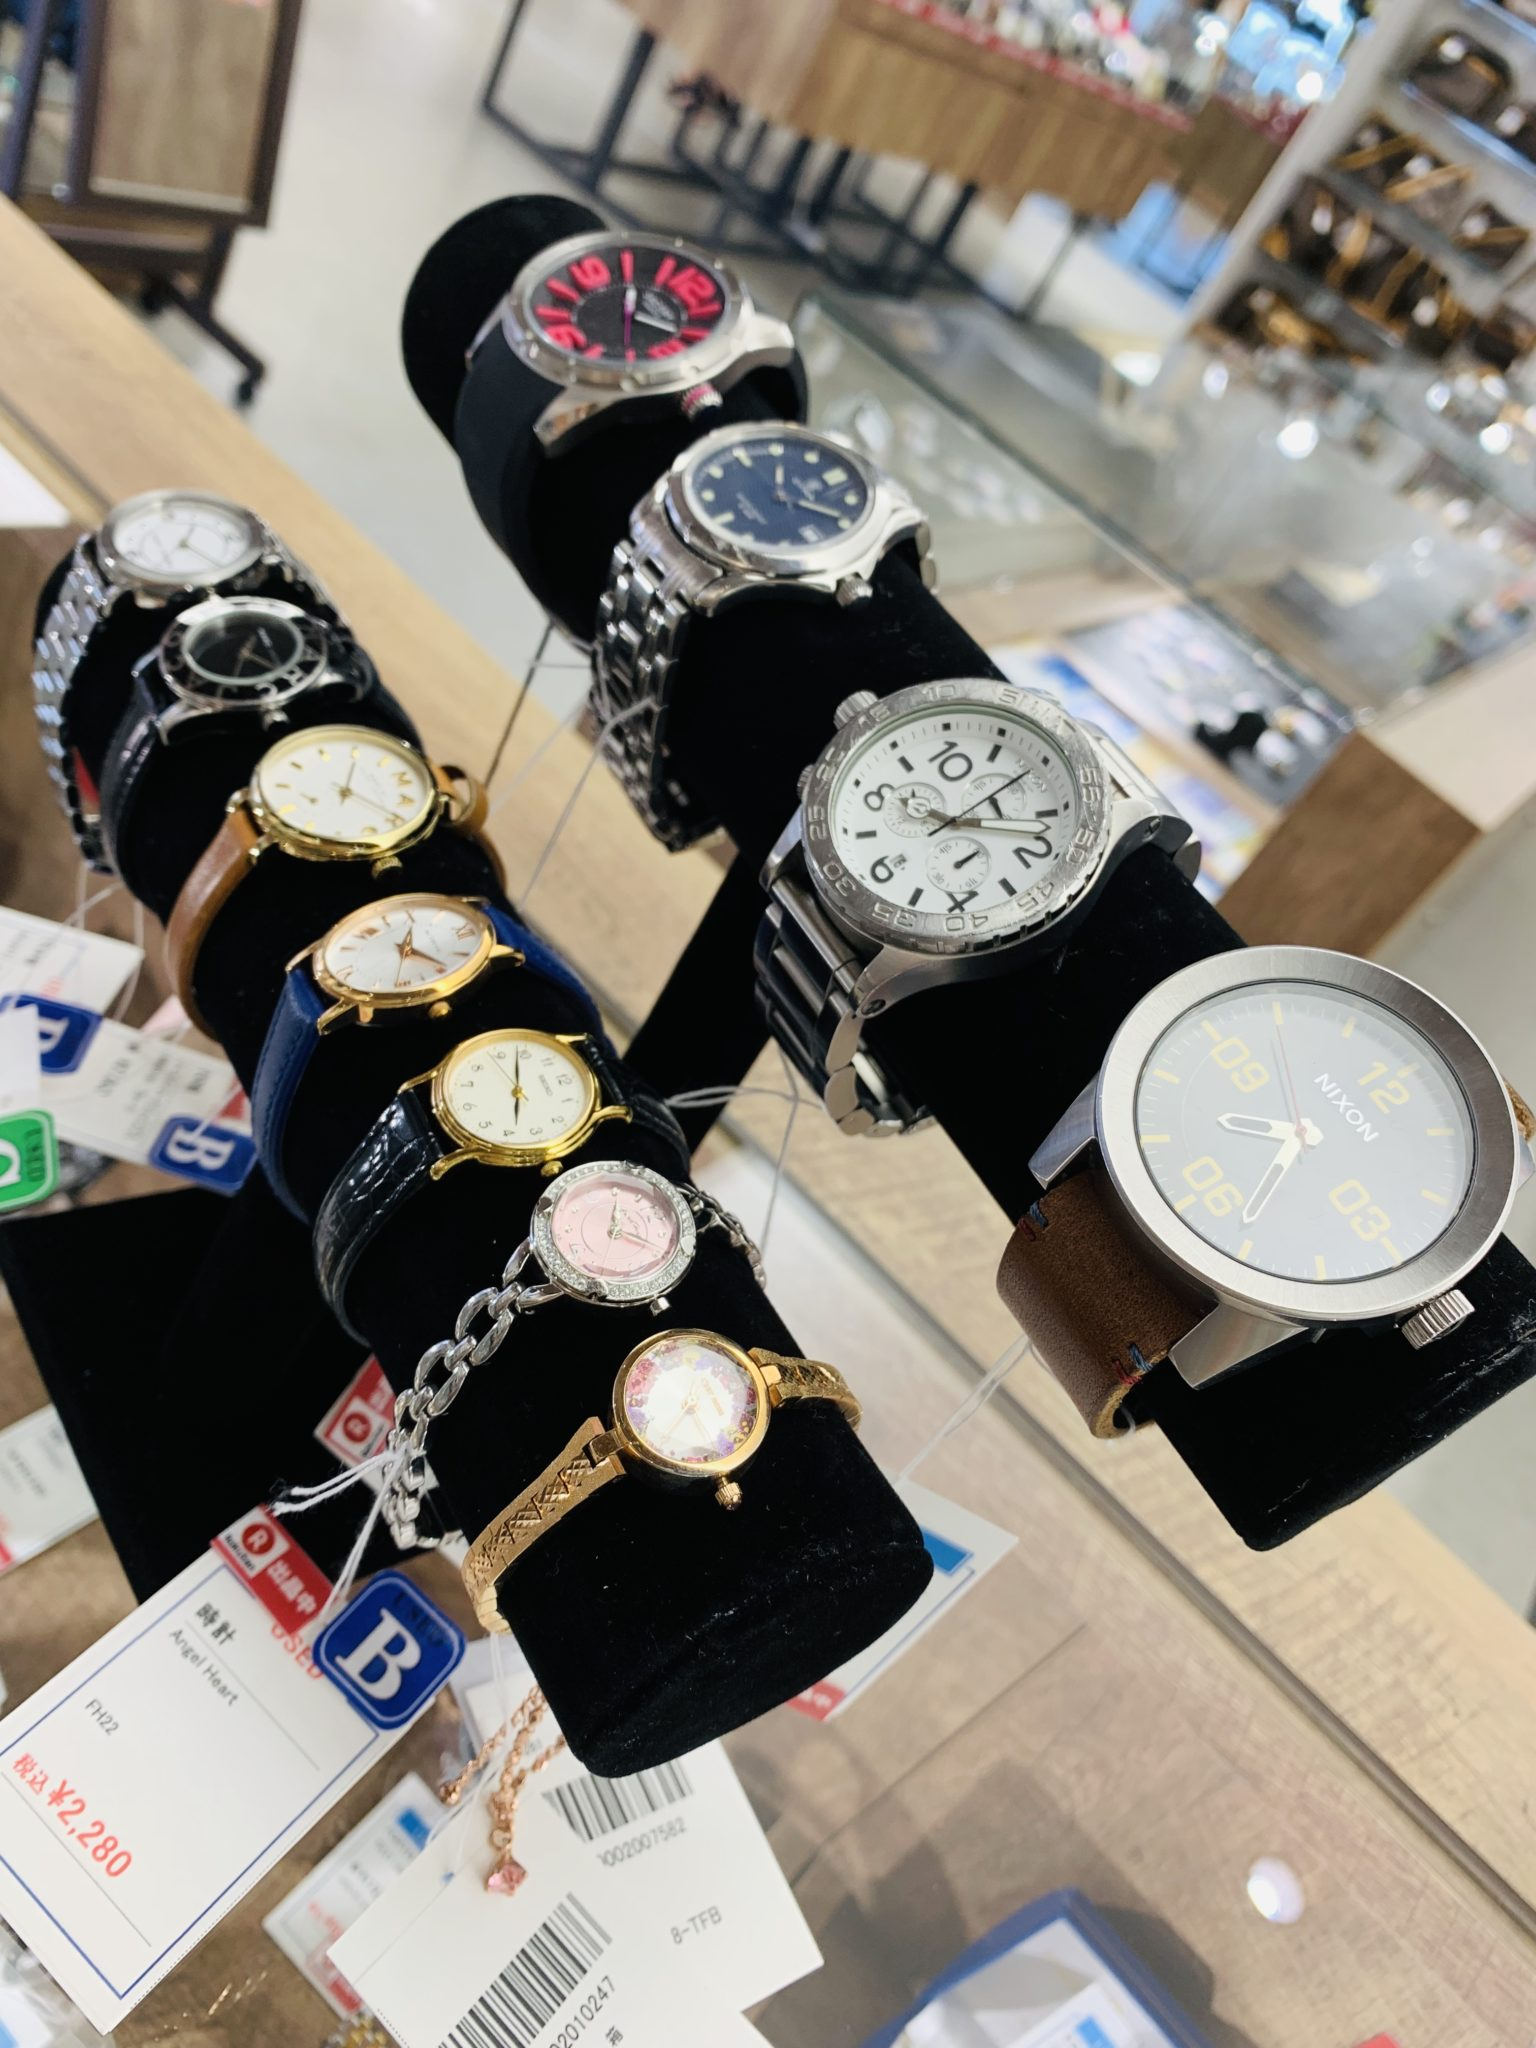 【盛岡 時計 販売】サマーセール開催中!NIXON,MARC JACOBS,SEIKOなど人気ブランドの腕時計がお買い得☆